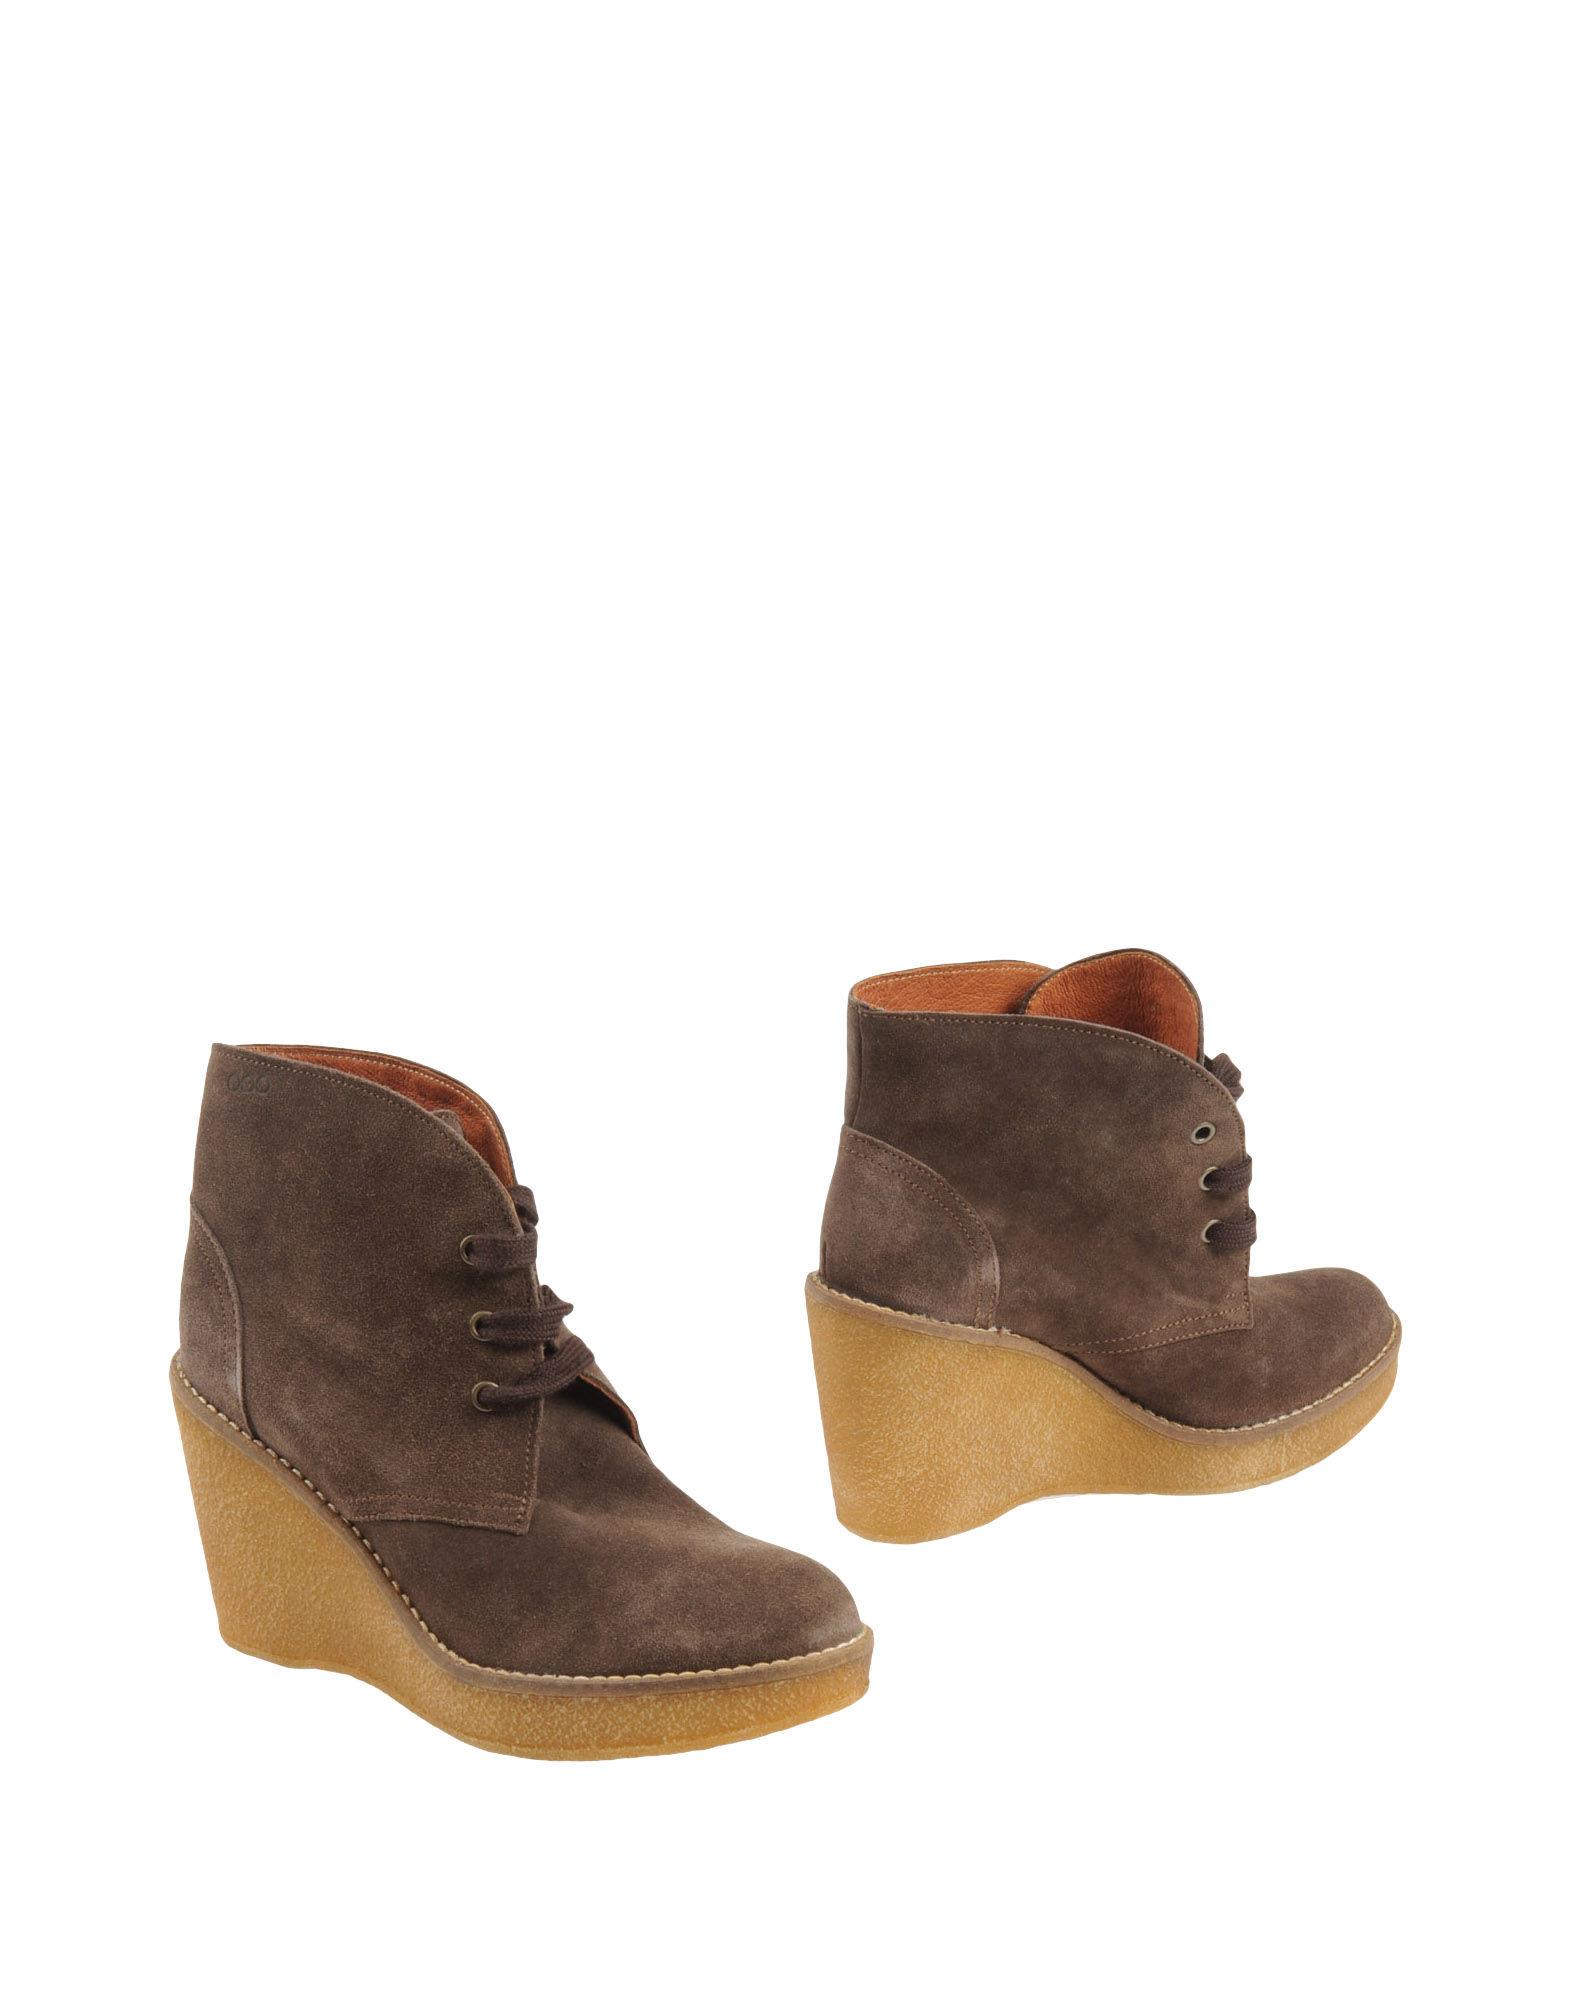 SERAFINI ETOILE Ankle Boot in Dark Brown